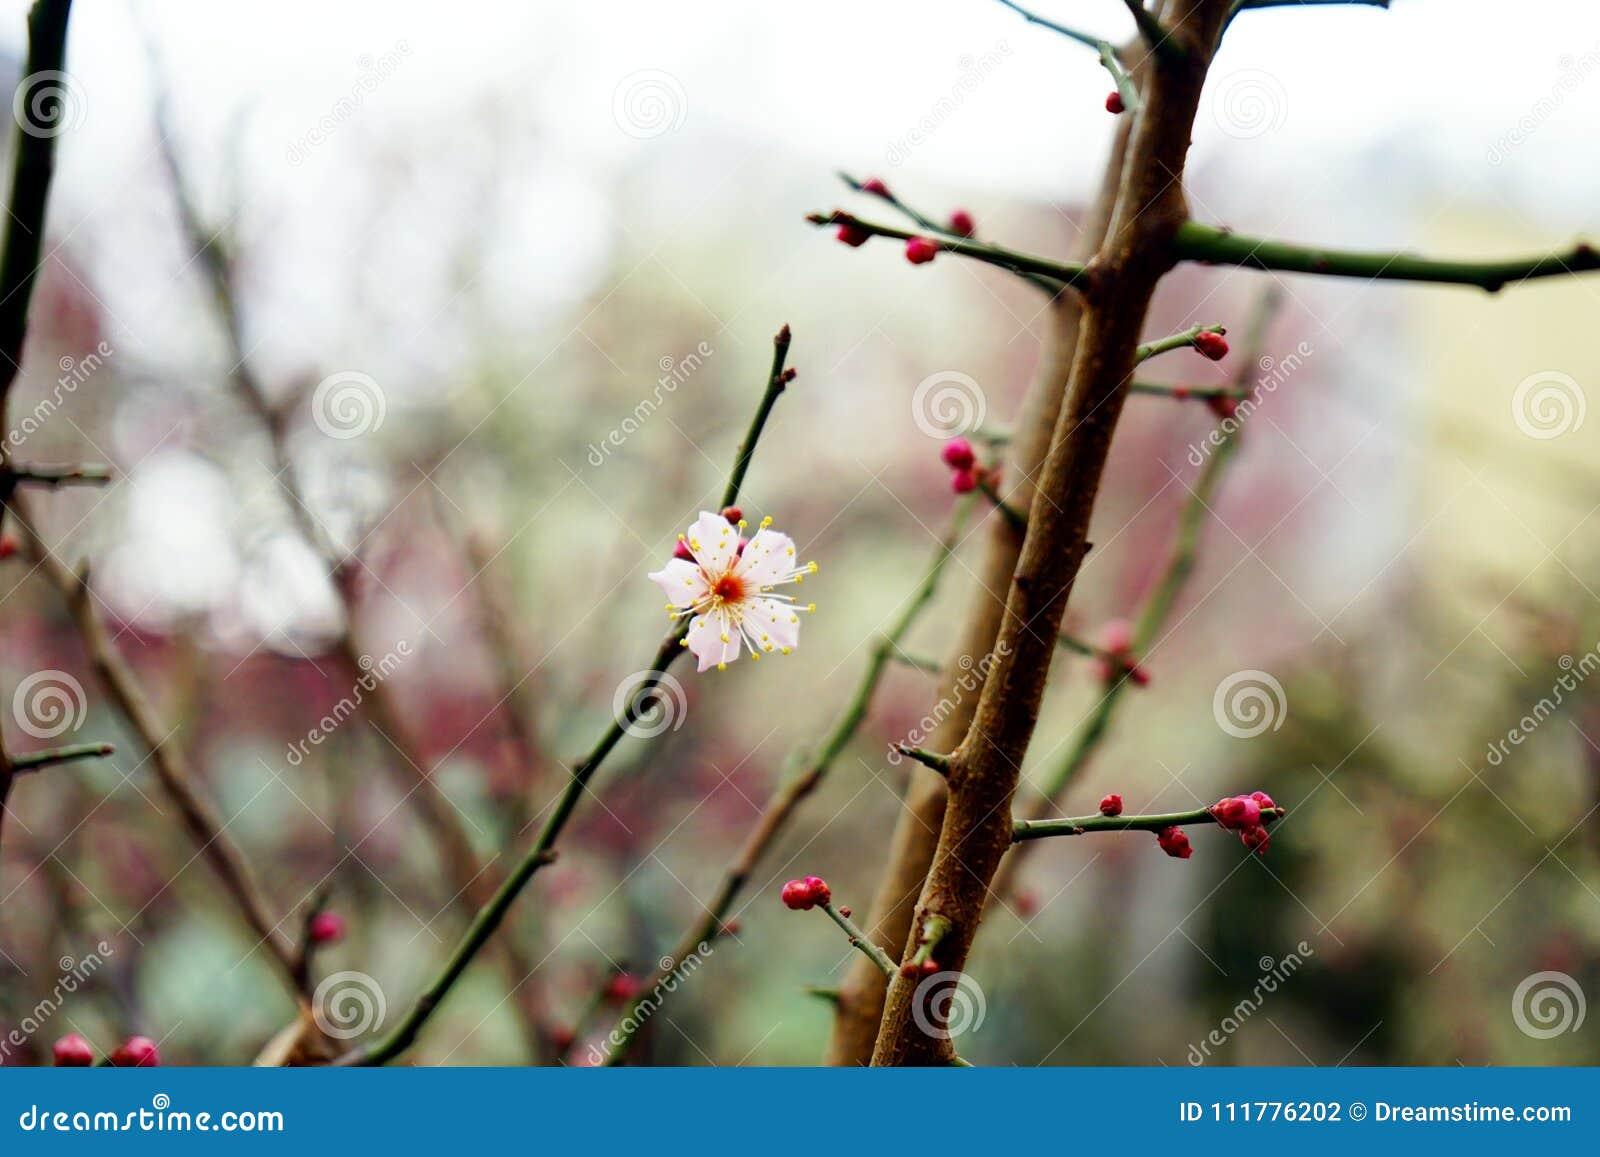 Pierwszy kwitnący śliwkowy kwiat